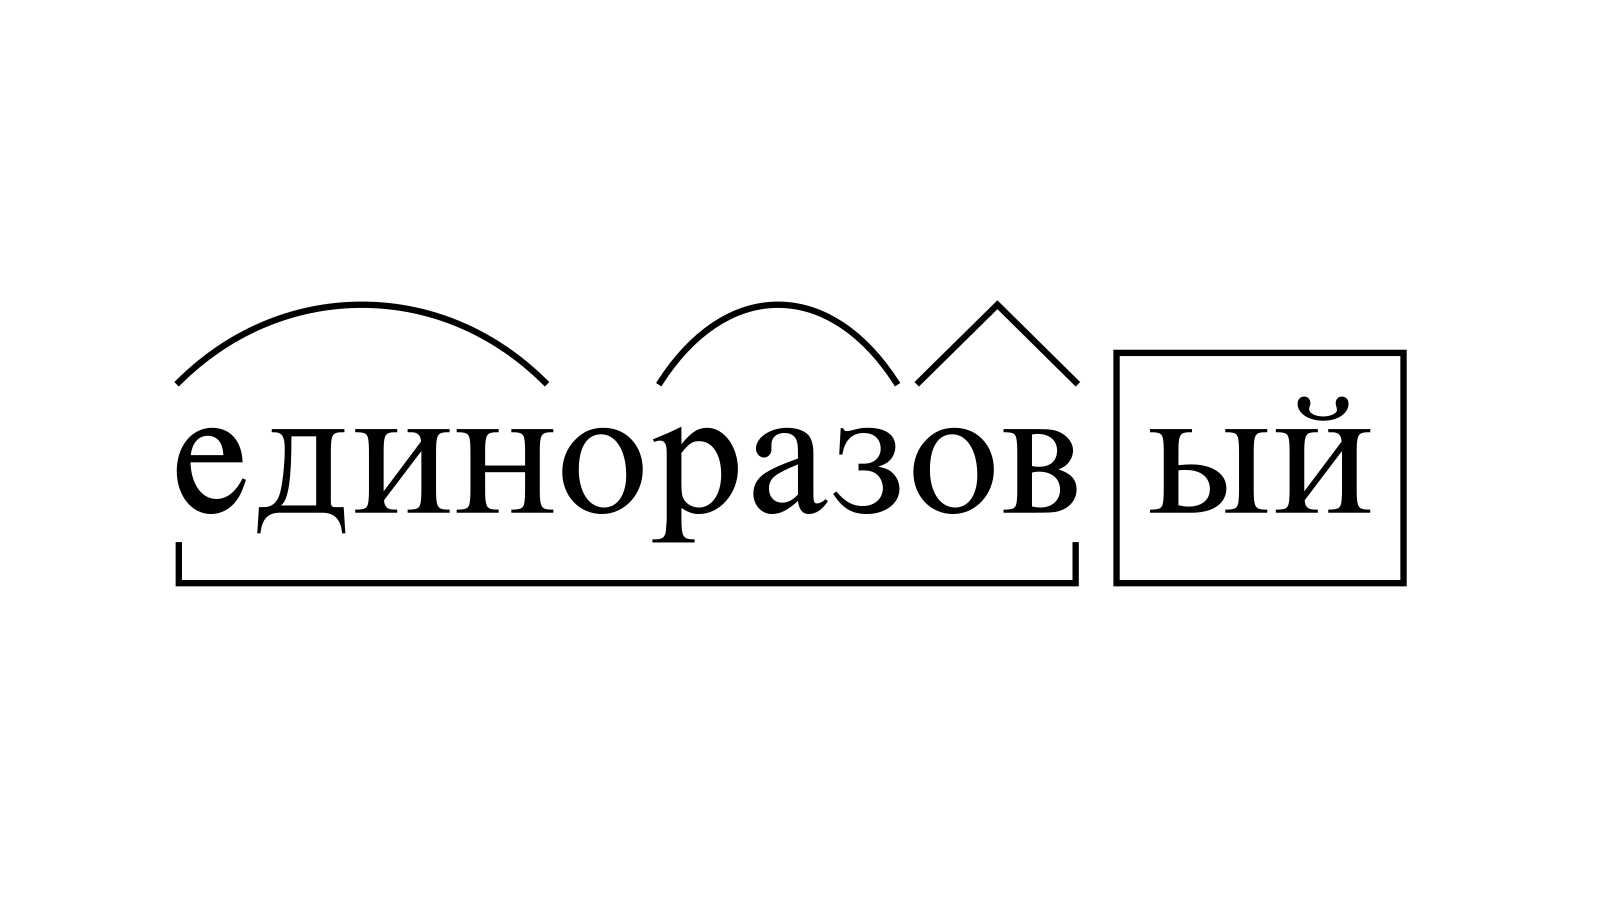 Разбор слова «единоразовый» по составу